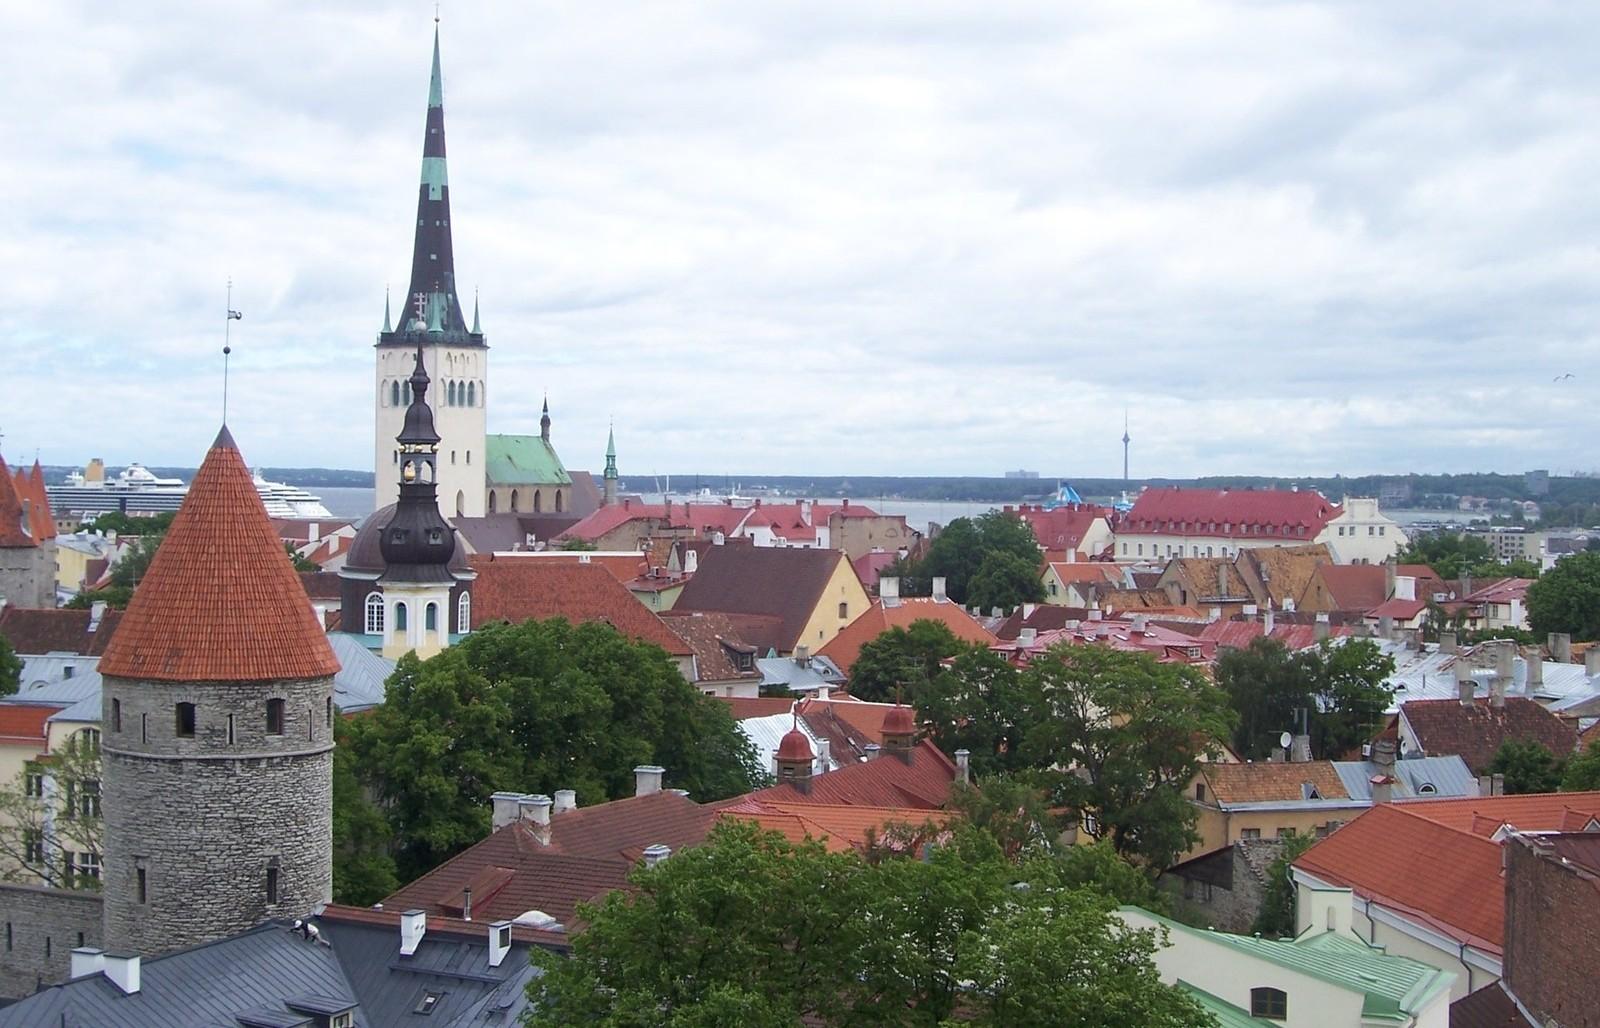 Eelmisel aastal külastas Tallinna 4,4 miljonit välisturisti